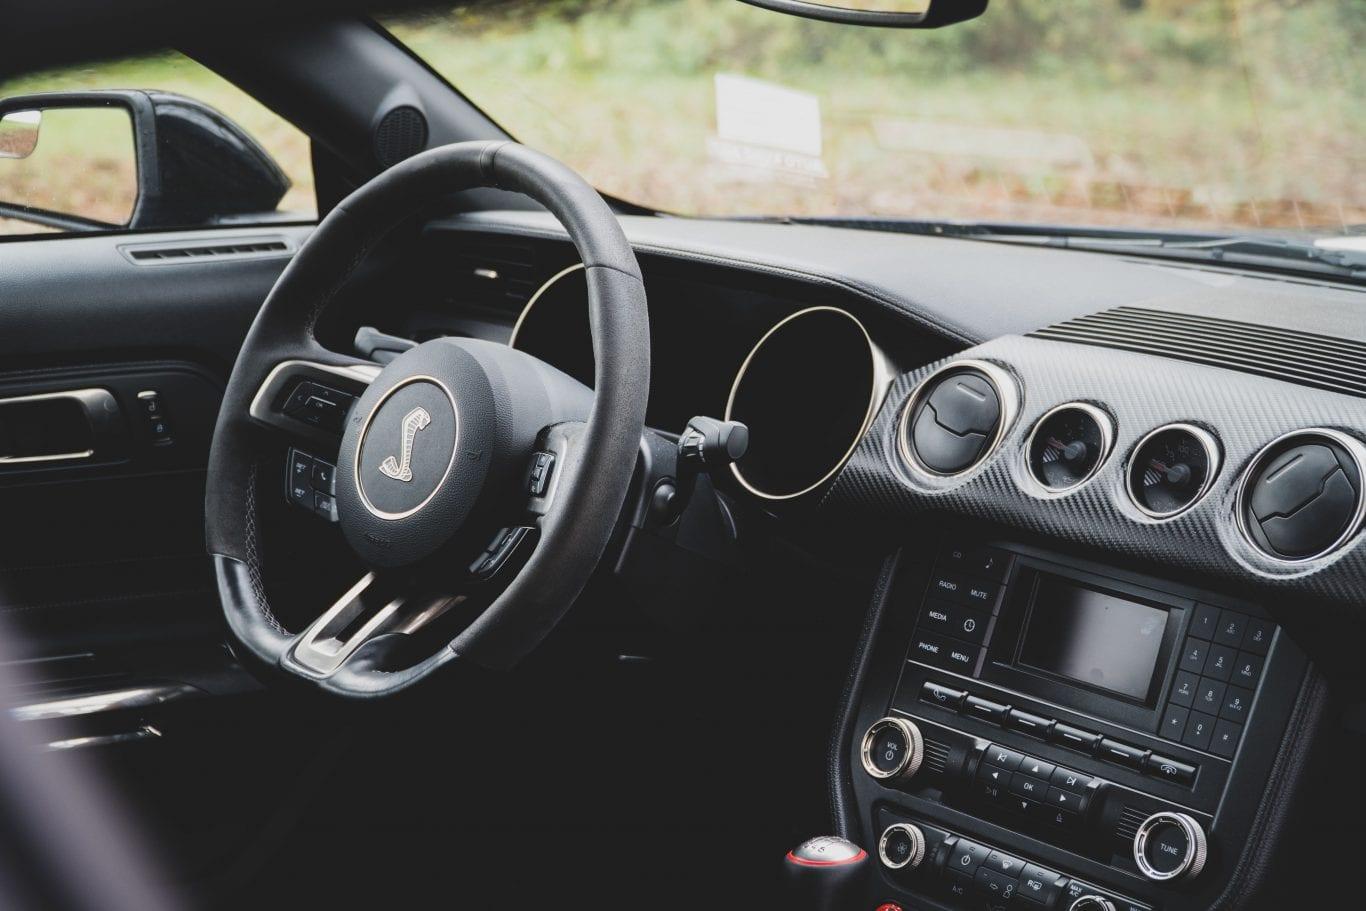 2016 Shelby Mustang im Test: Wie schnell ist das Pony Car wirklich? - Auto Kunz AG